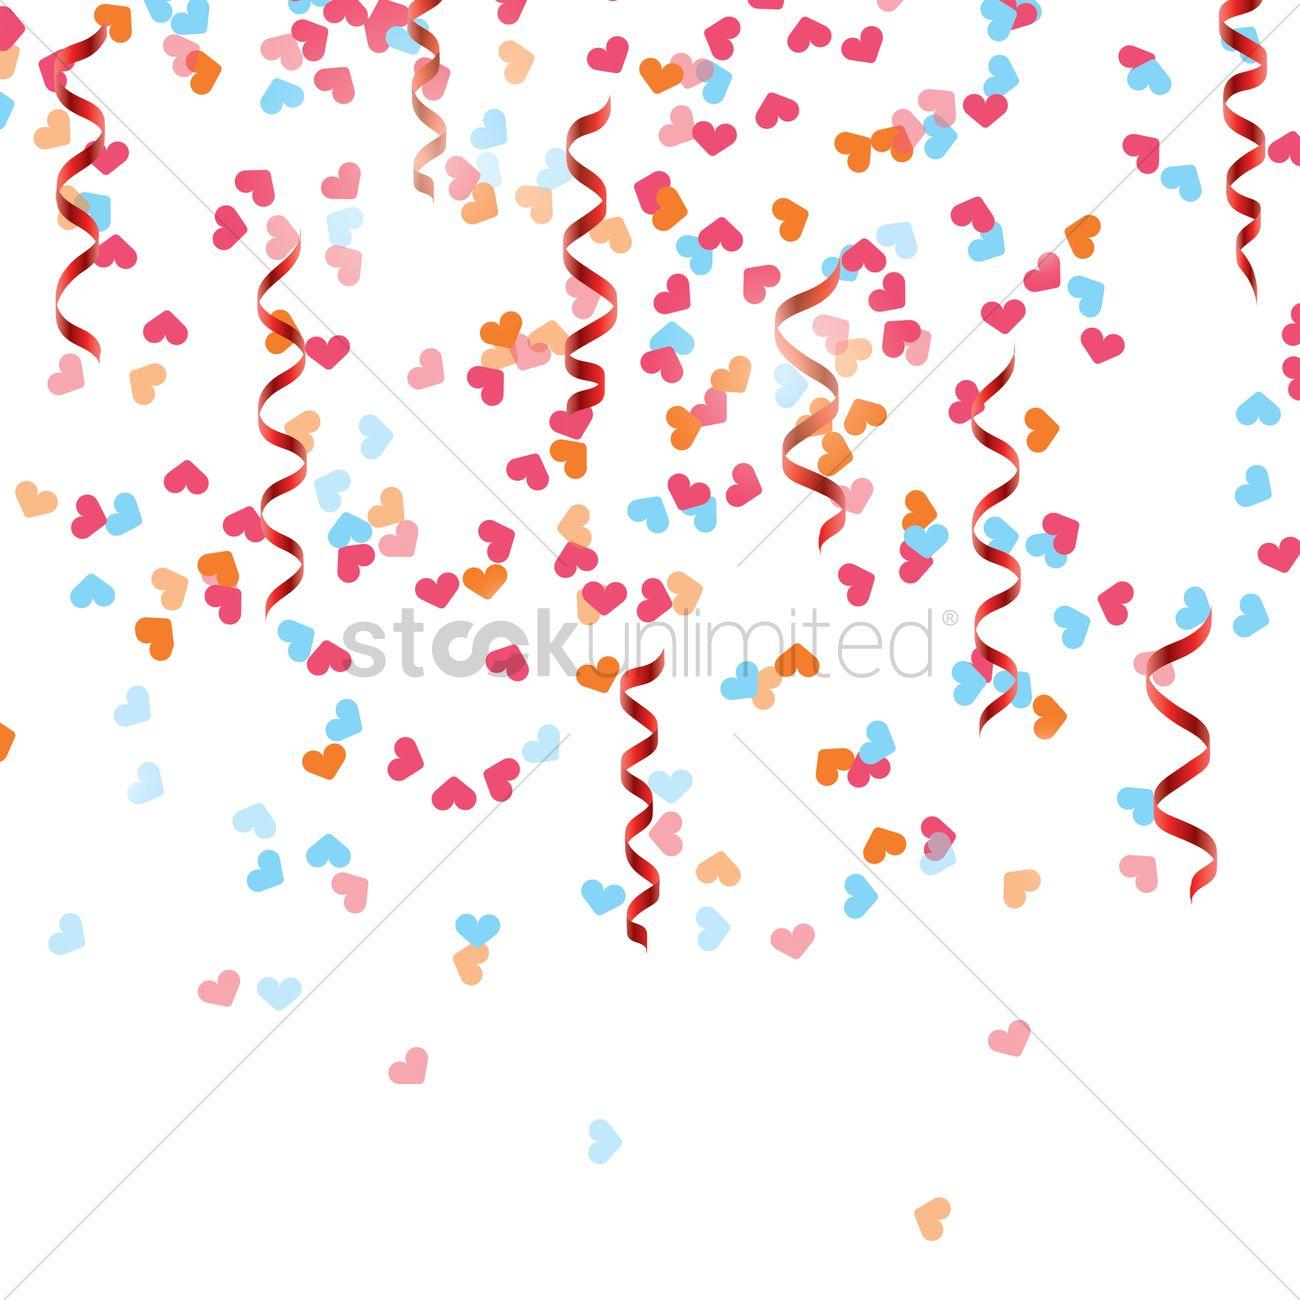 1300x1300 Party Confetti Vector Image